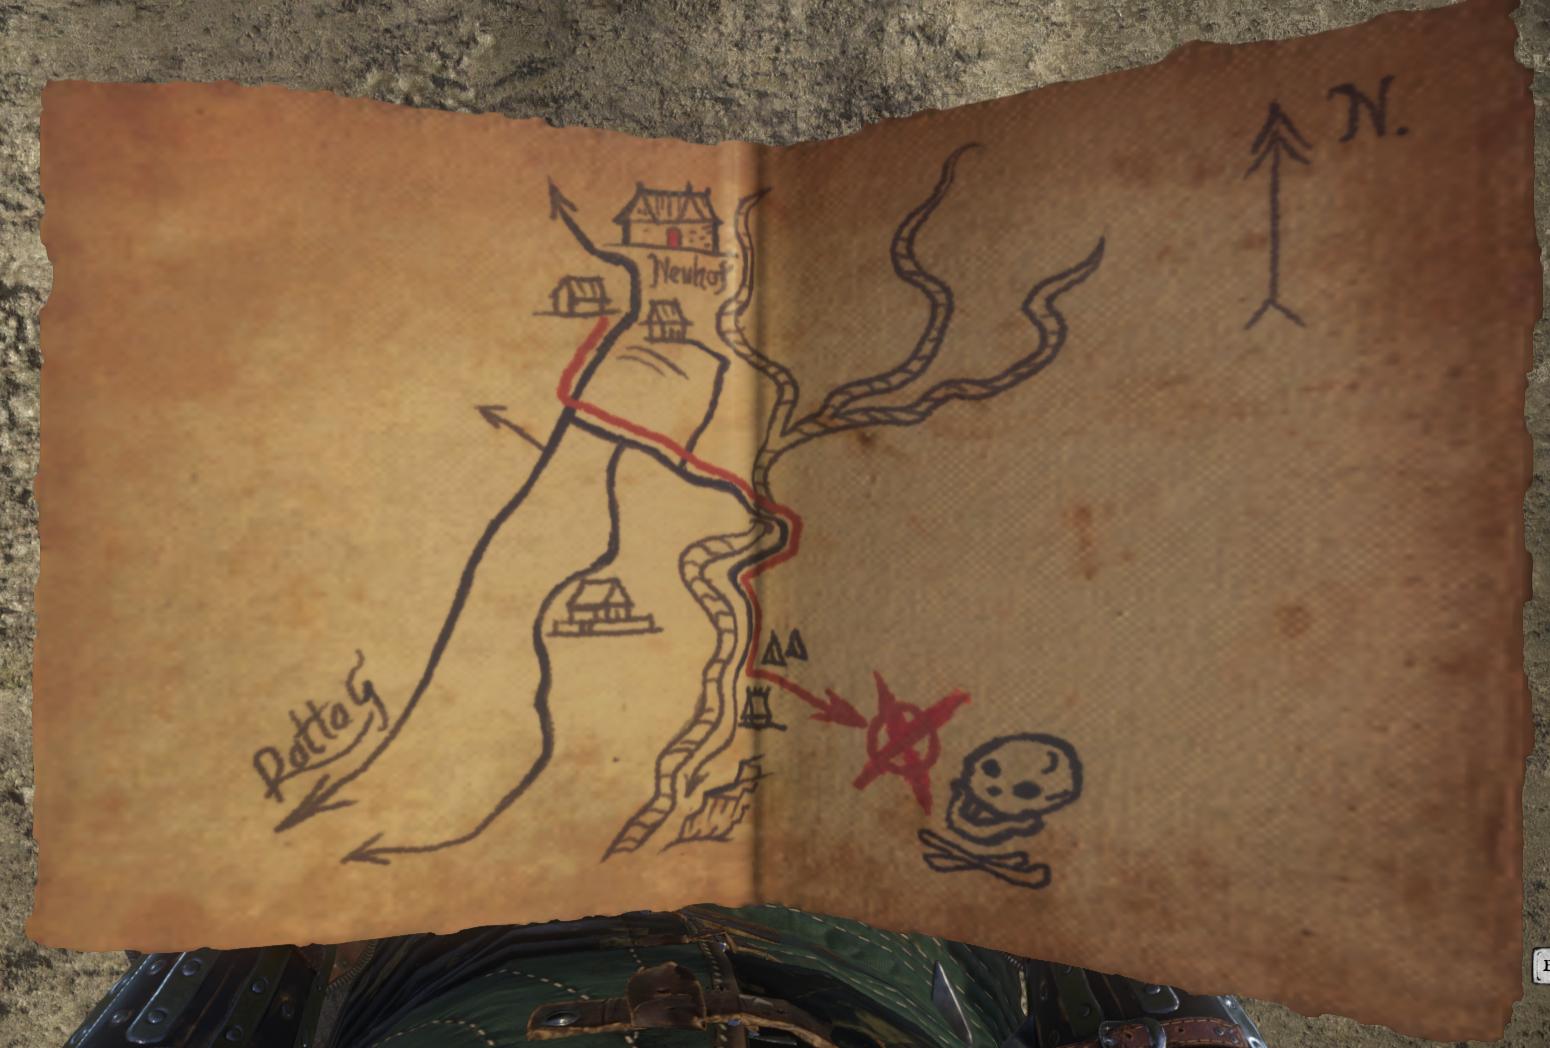 Kingdom Come Deliverance Uralte Karte 2.Uralte Karte I Kingdom Come Deliverance Wiki Fandom Powered By